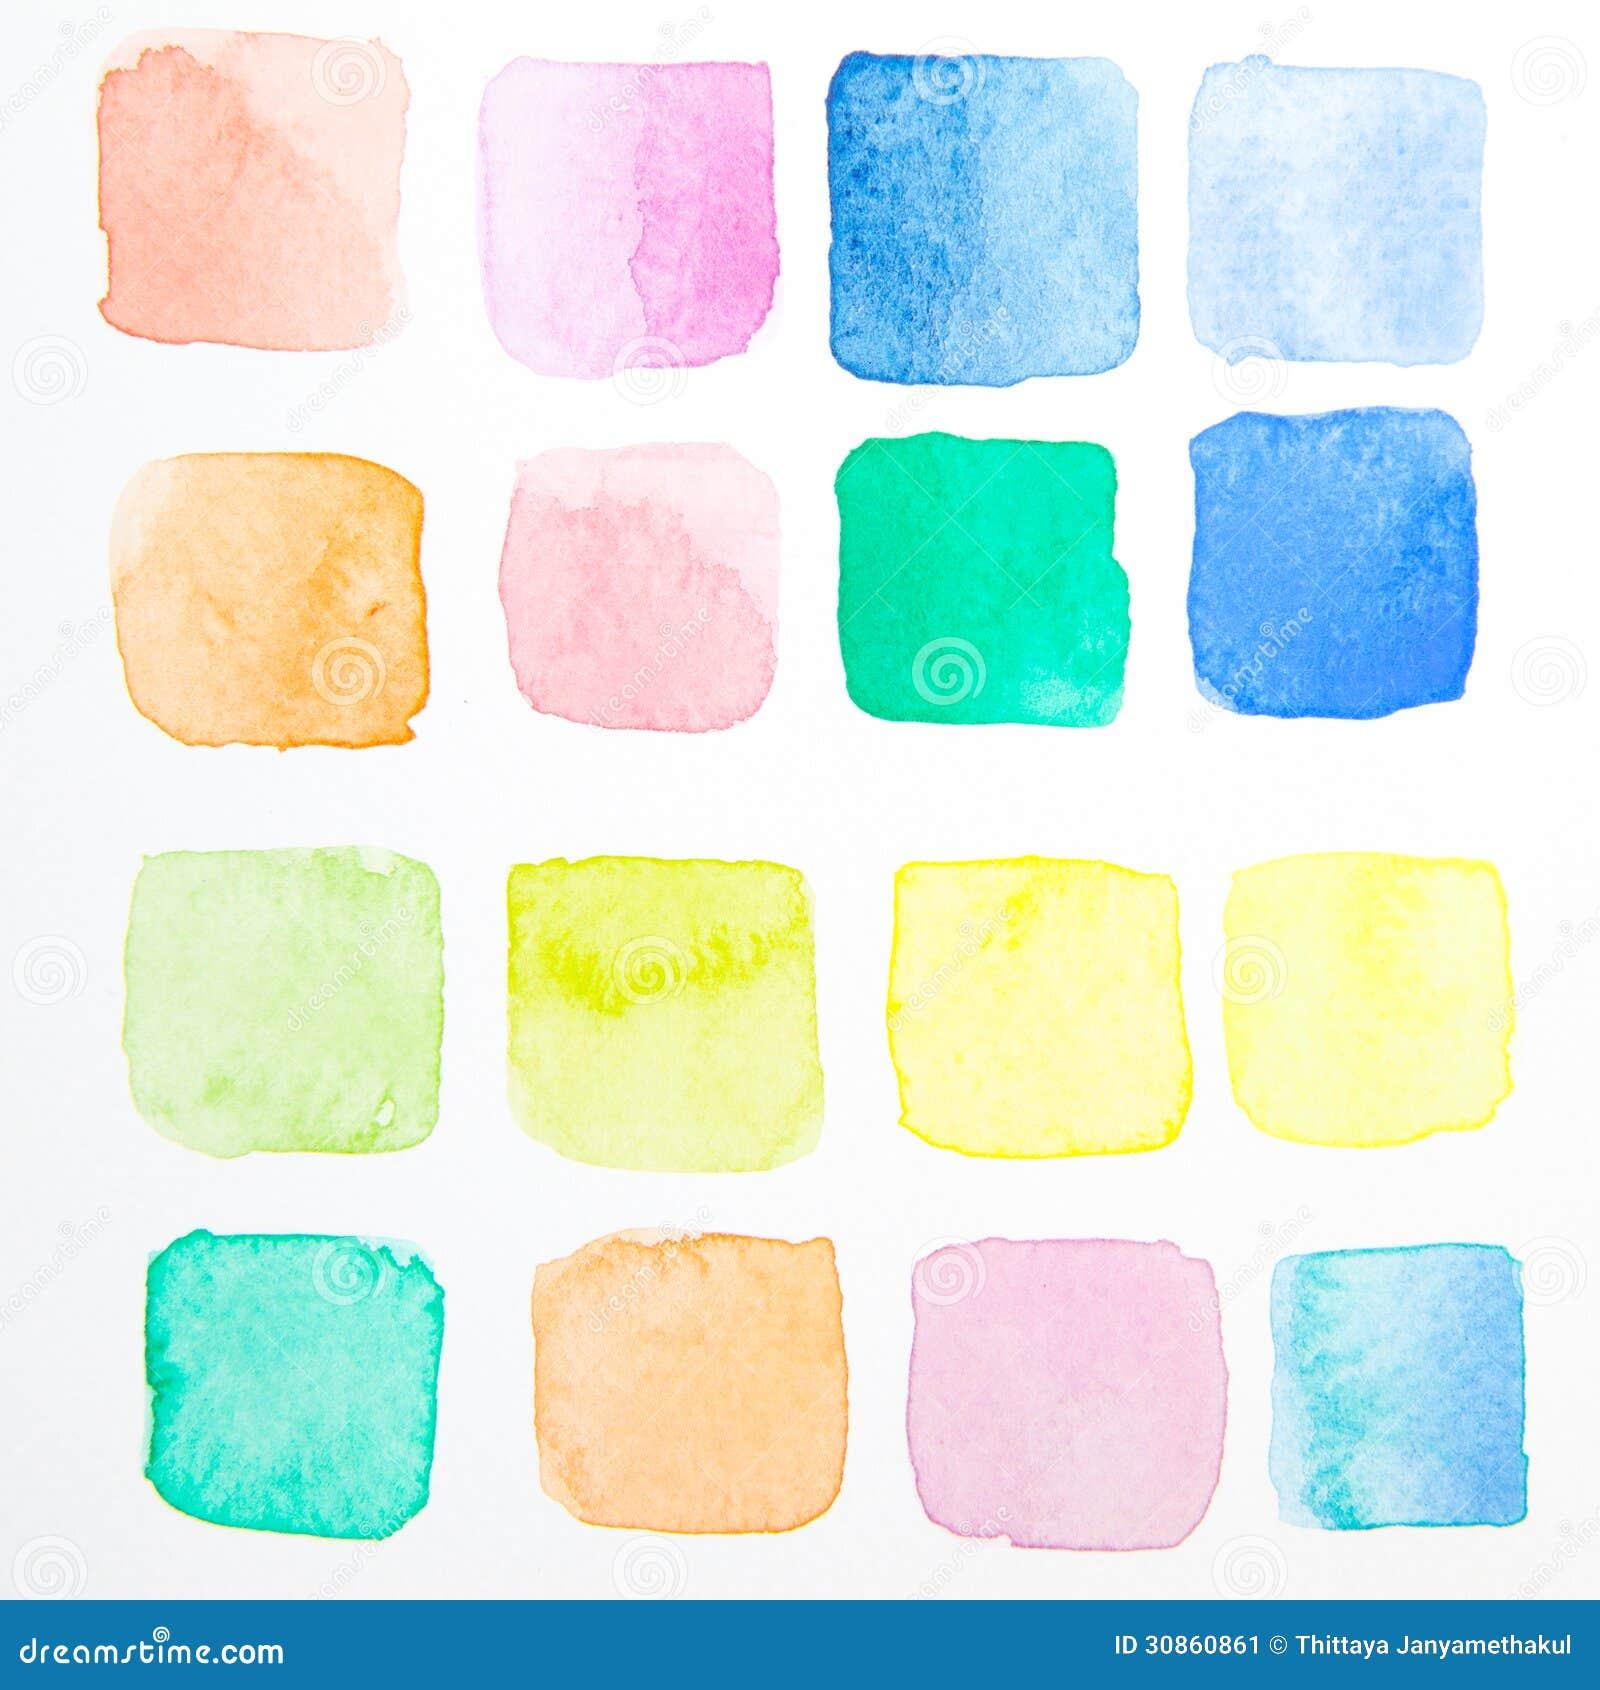 Cepillo De La Prueba Del Color De Agua Imagen de archivo - Imagen de ...